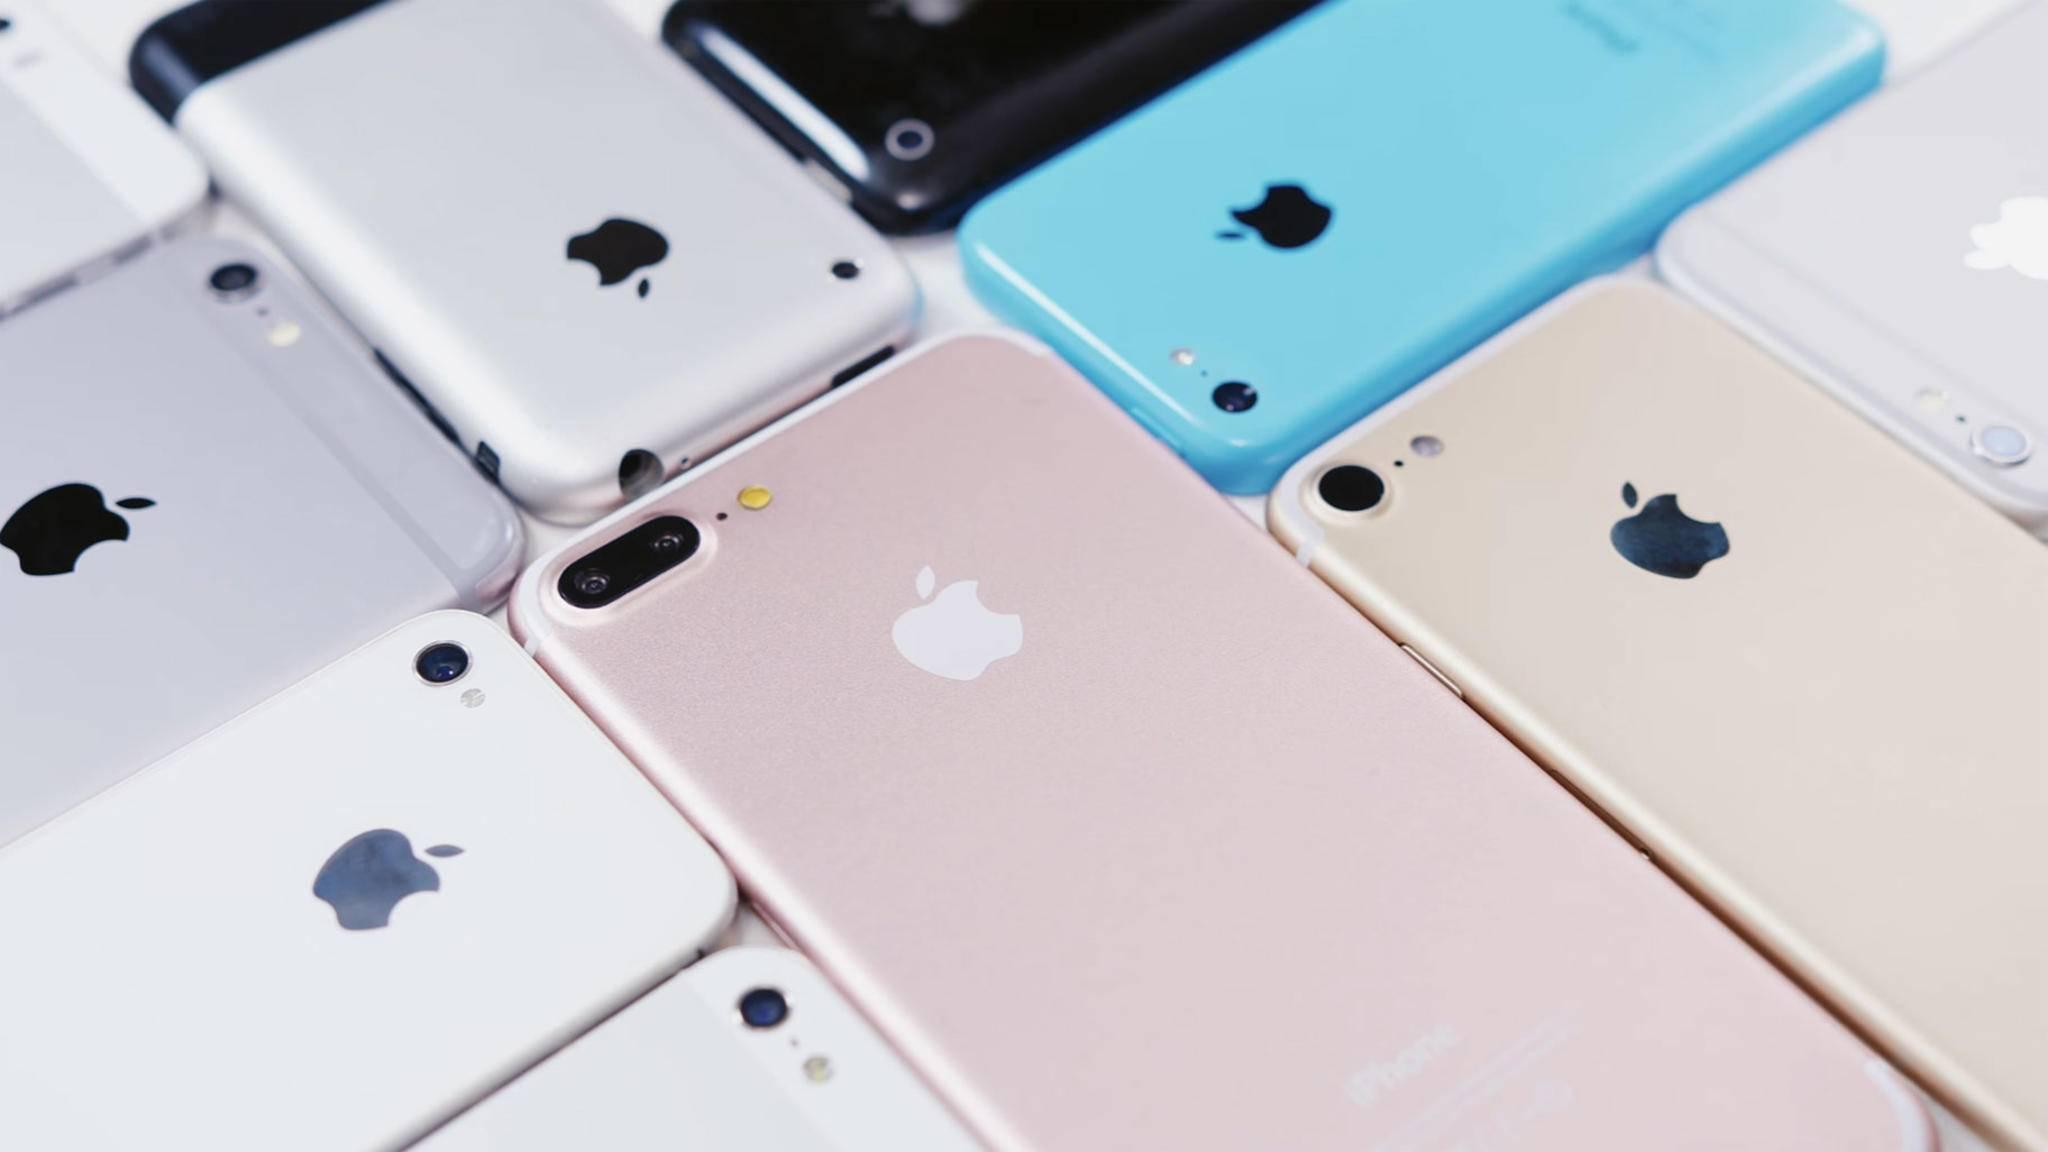 Bei so vielen iPhones kann man schon einmal durcheinander kommen: Wir verraten Dir, wie Du Dein iPhone-Modell bestimmen kannst.